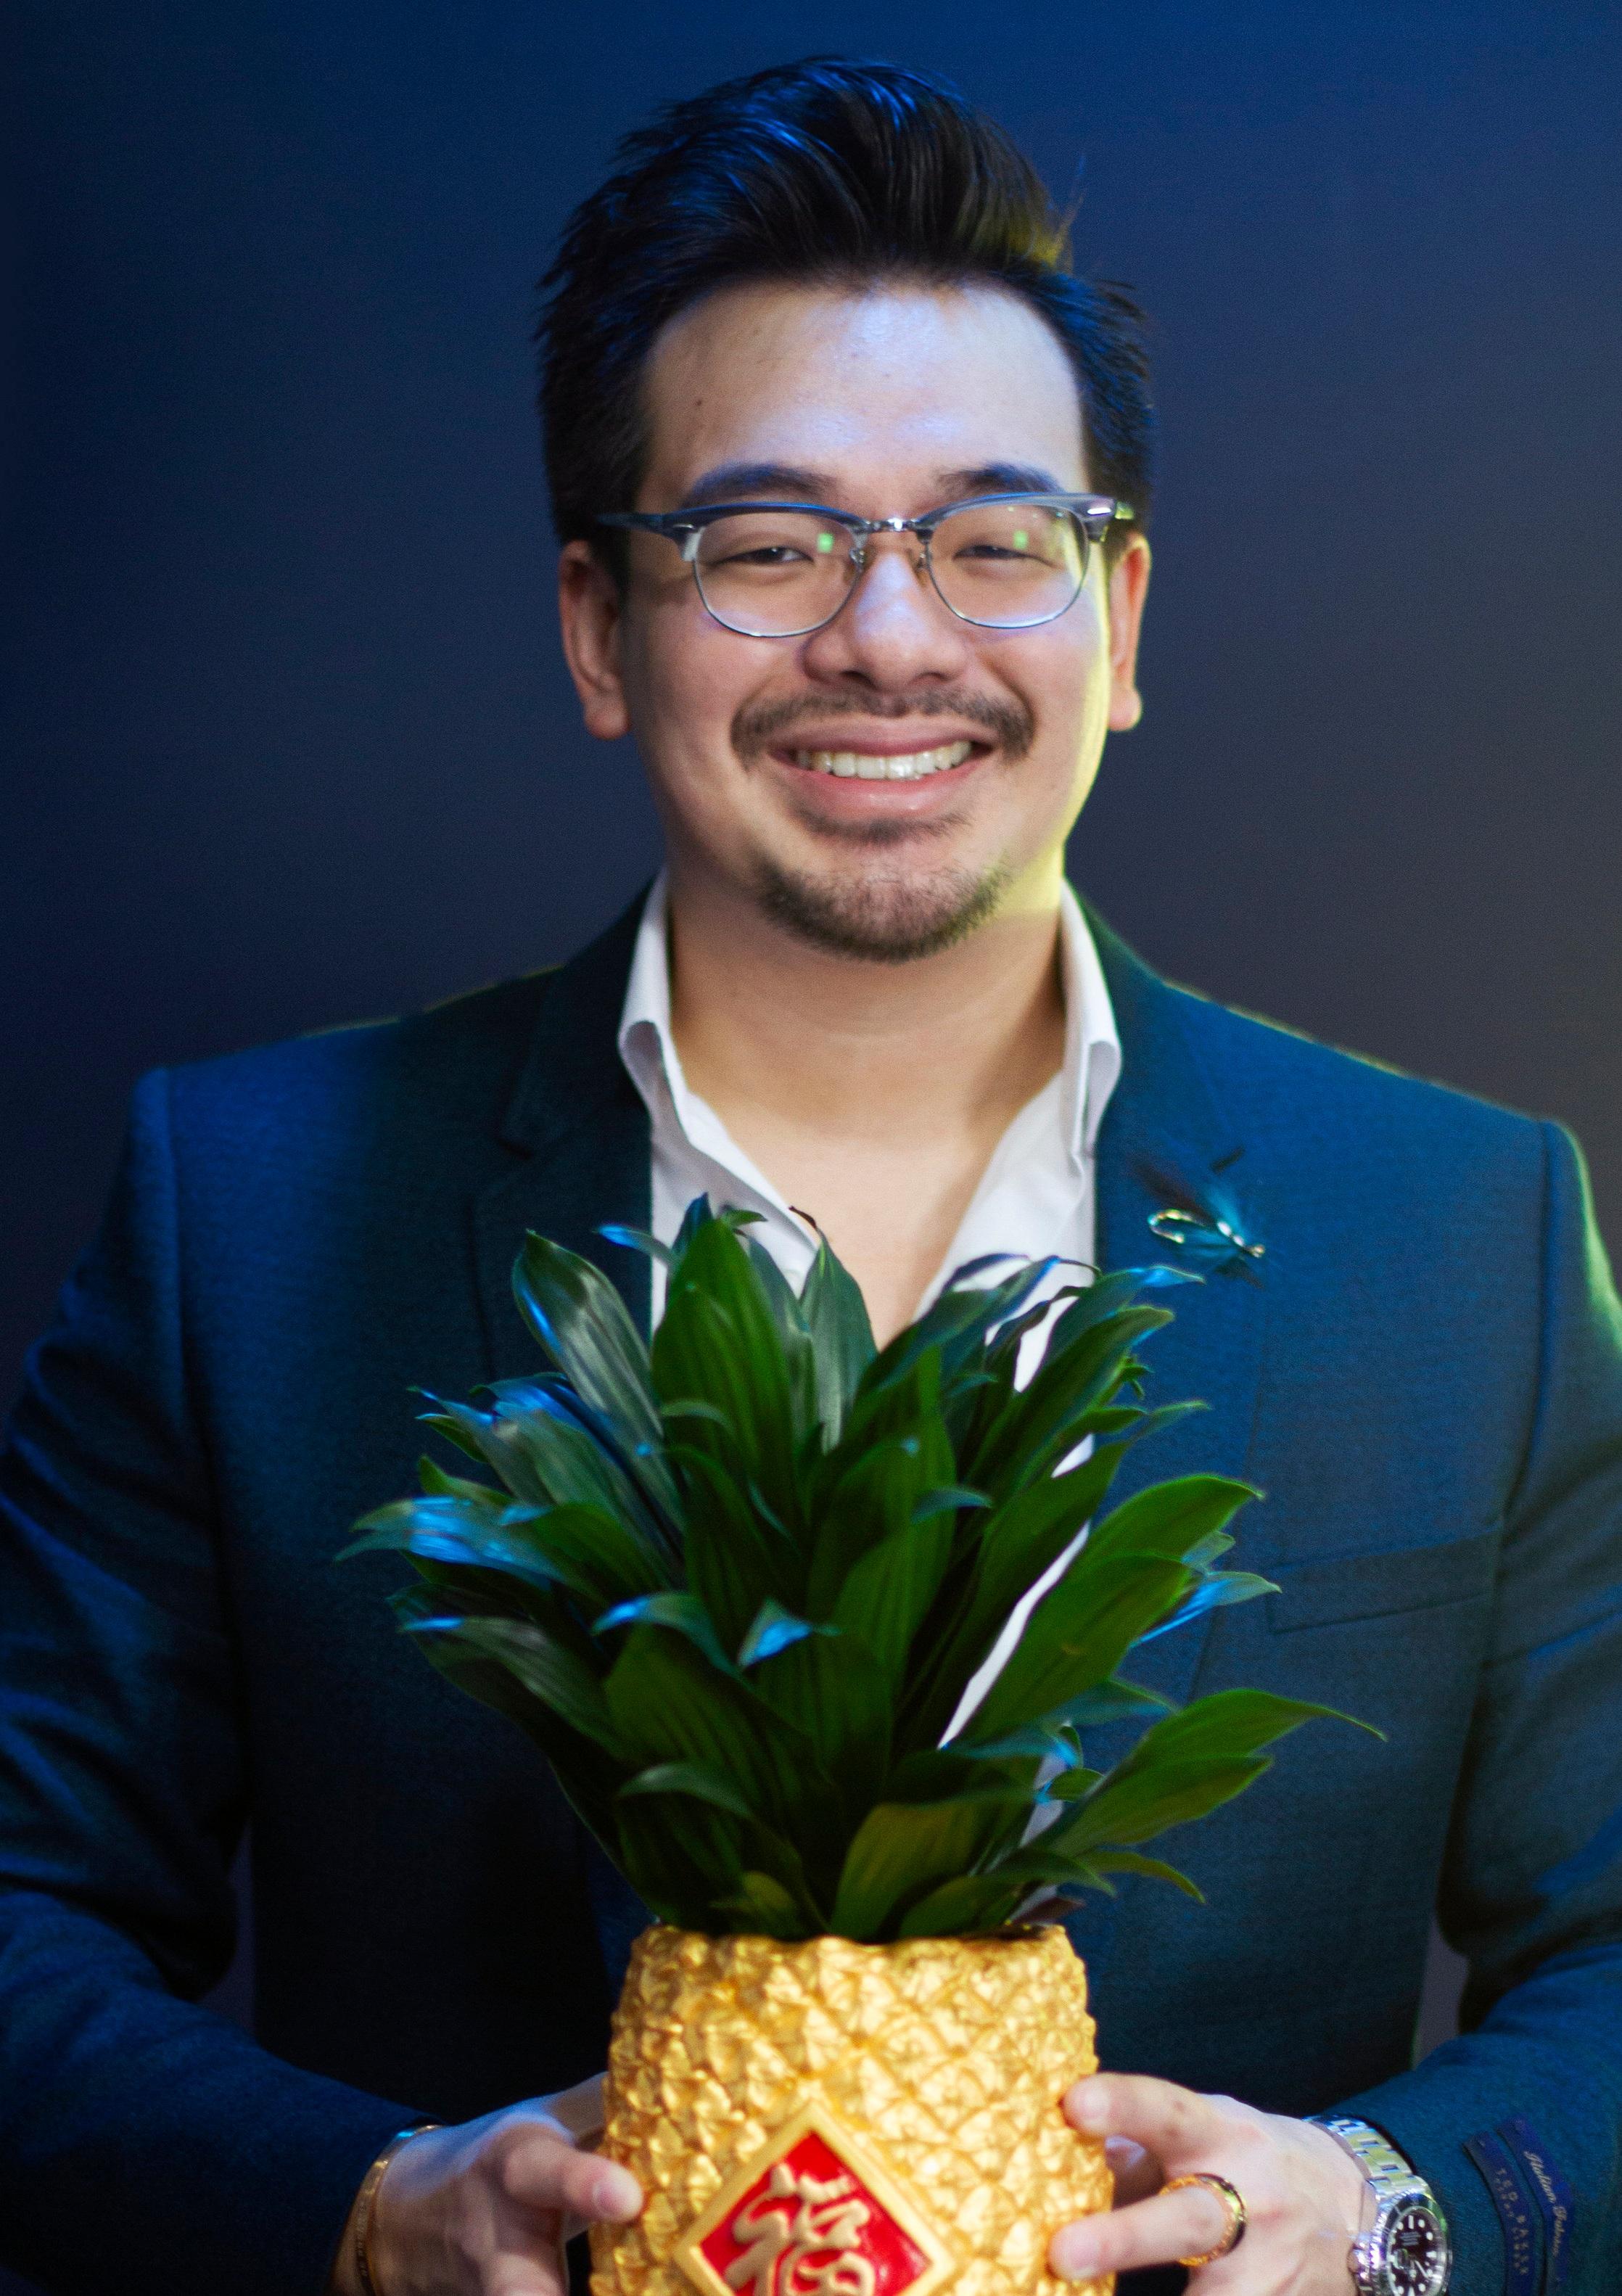 Bryan O: Managing Director